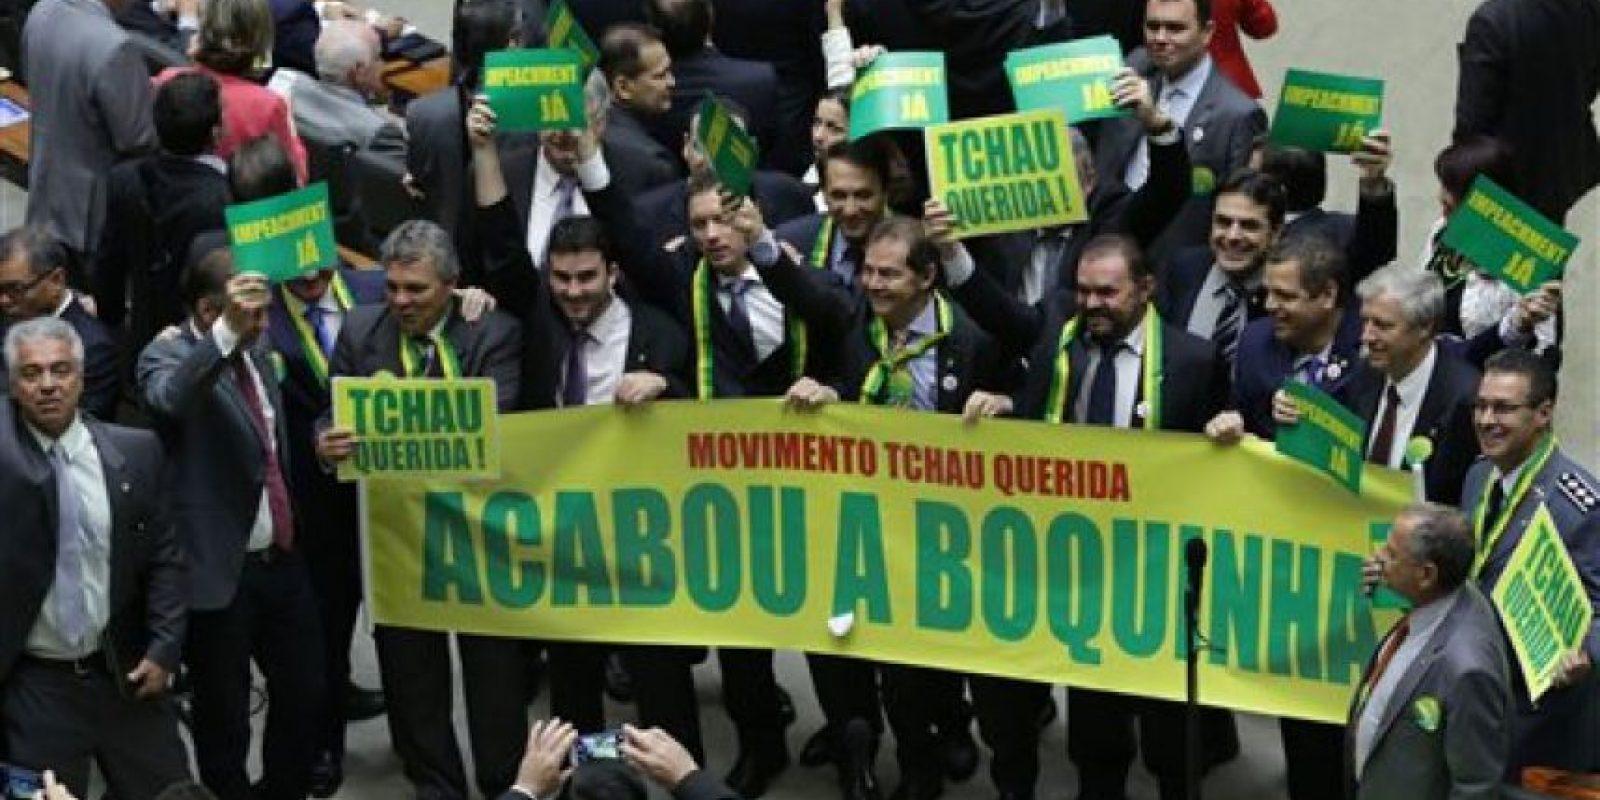 El impeachment requiere el apoyo de 342 diputado para prosperar Foto:AP